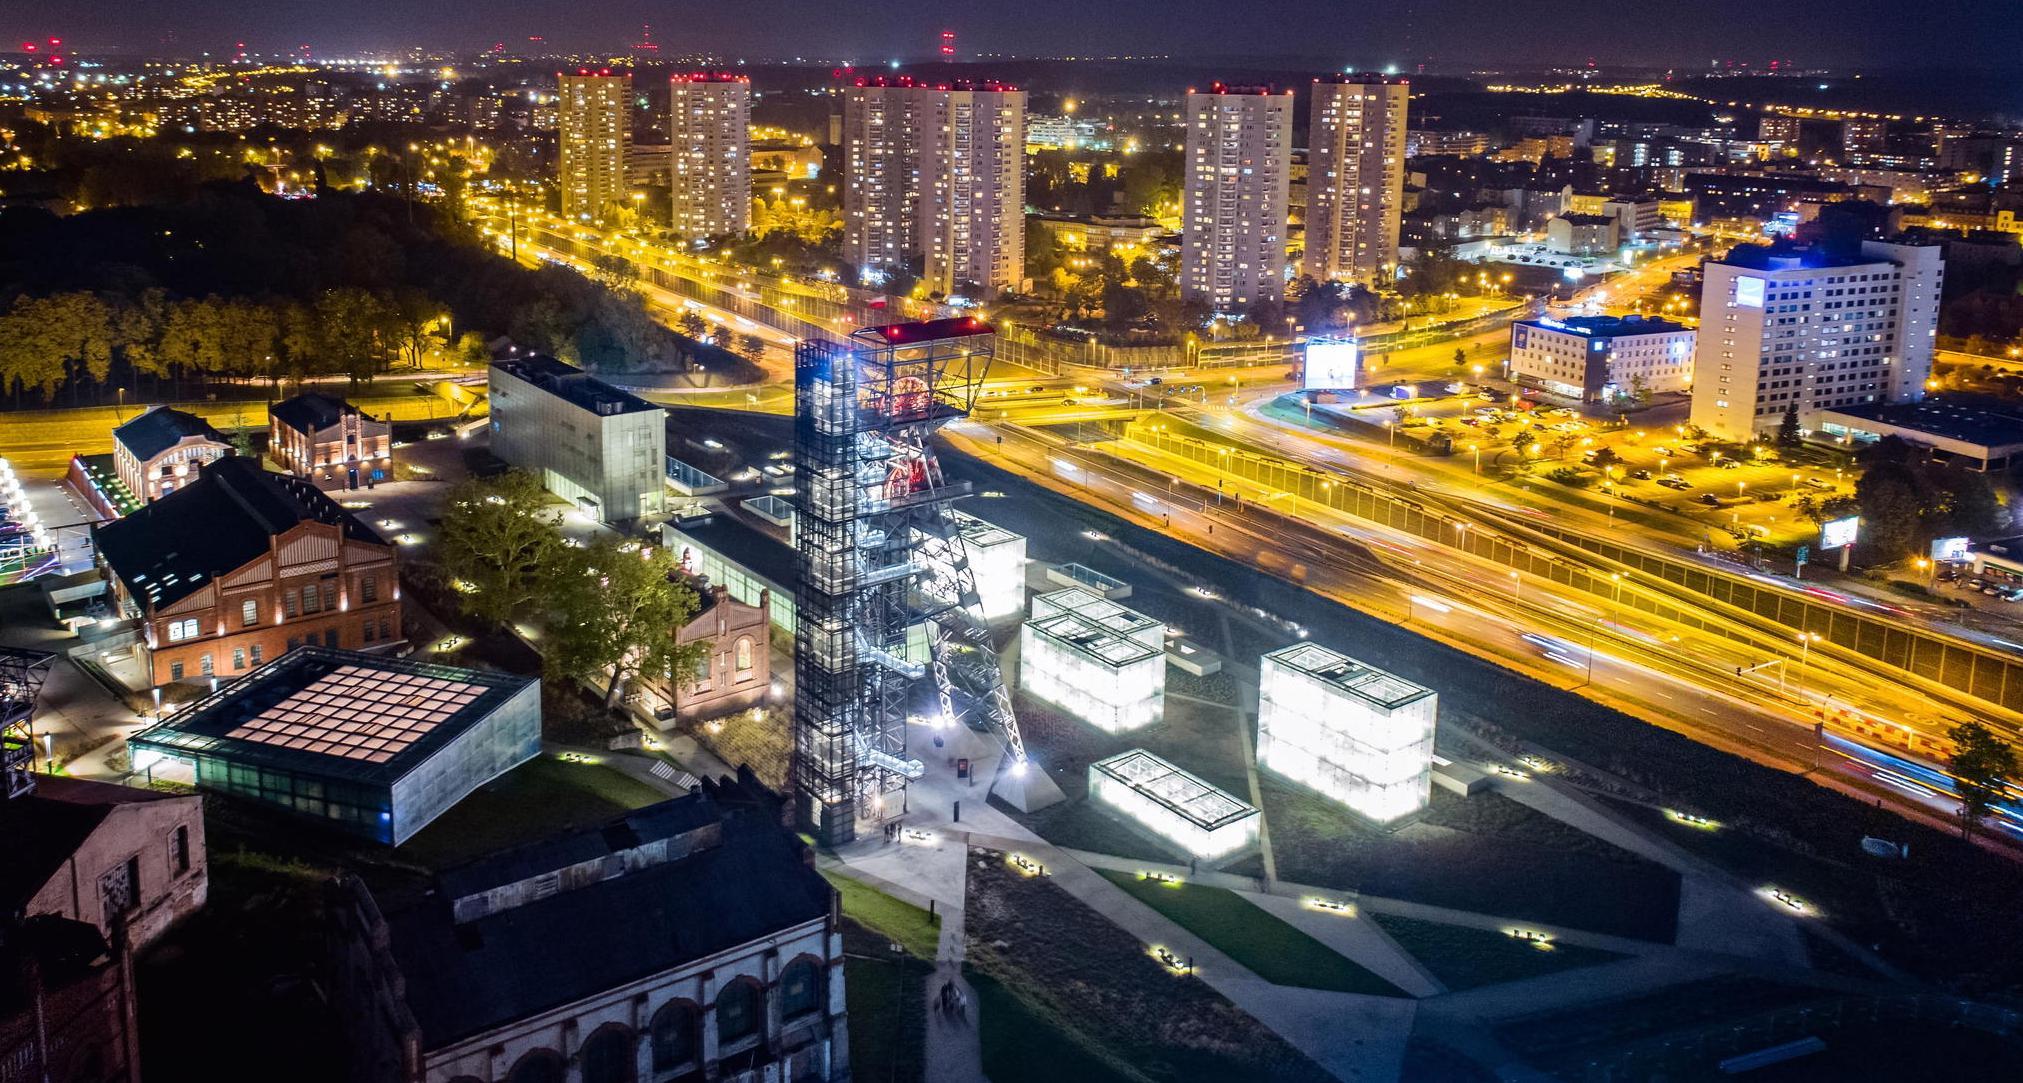 zarządzanie nieruchomościami oferowane przez ADM Property sp. z o.o. może obejmować nieruchomości widoczne na zdjęciu będącym panoramą Katowic a w przyszłości będzie zmienione na panoramę miasta Kraków